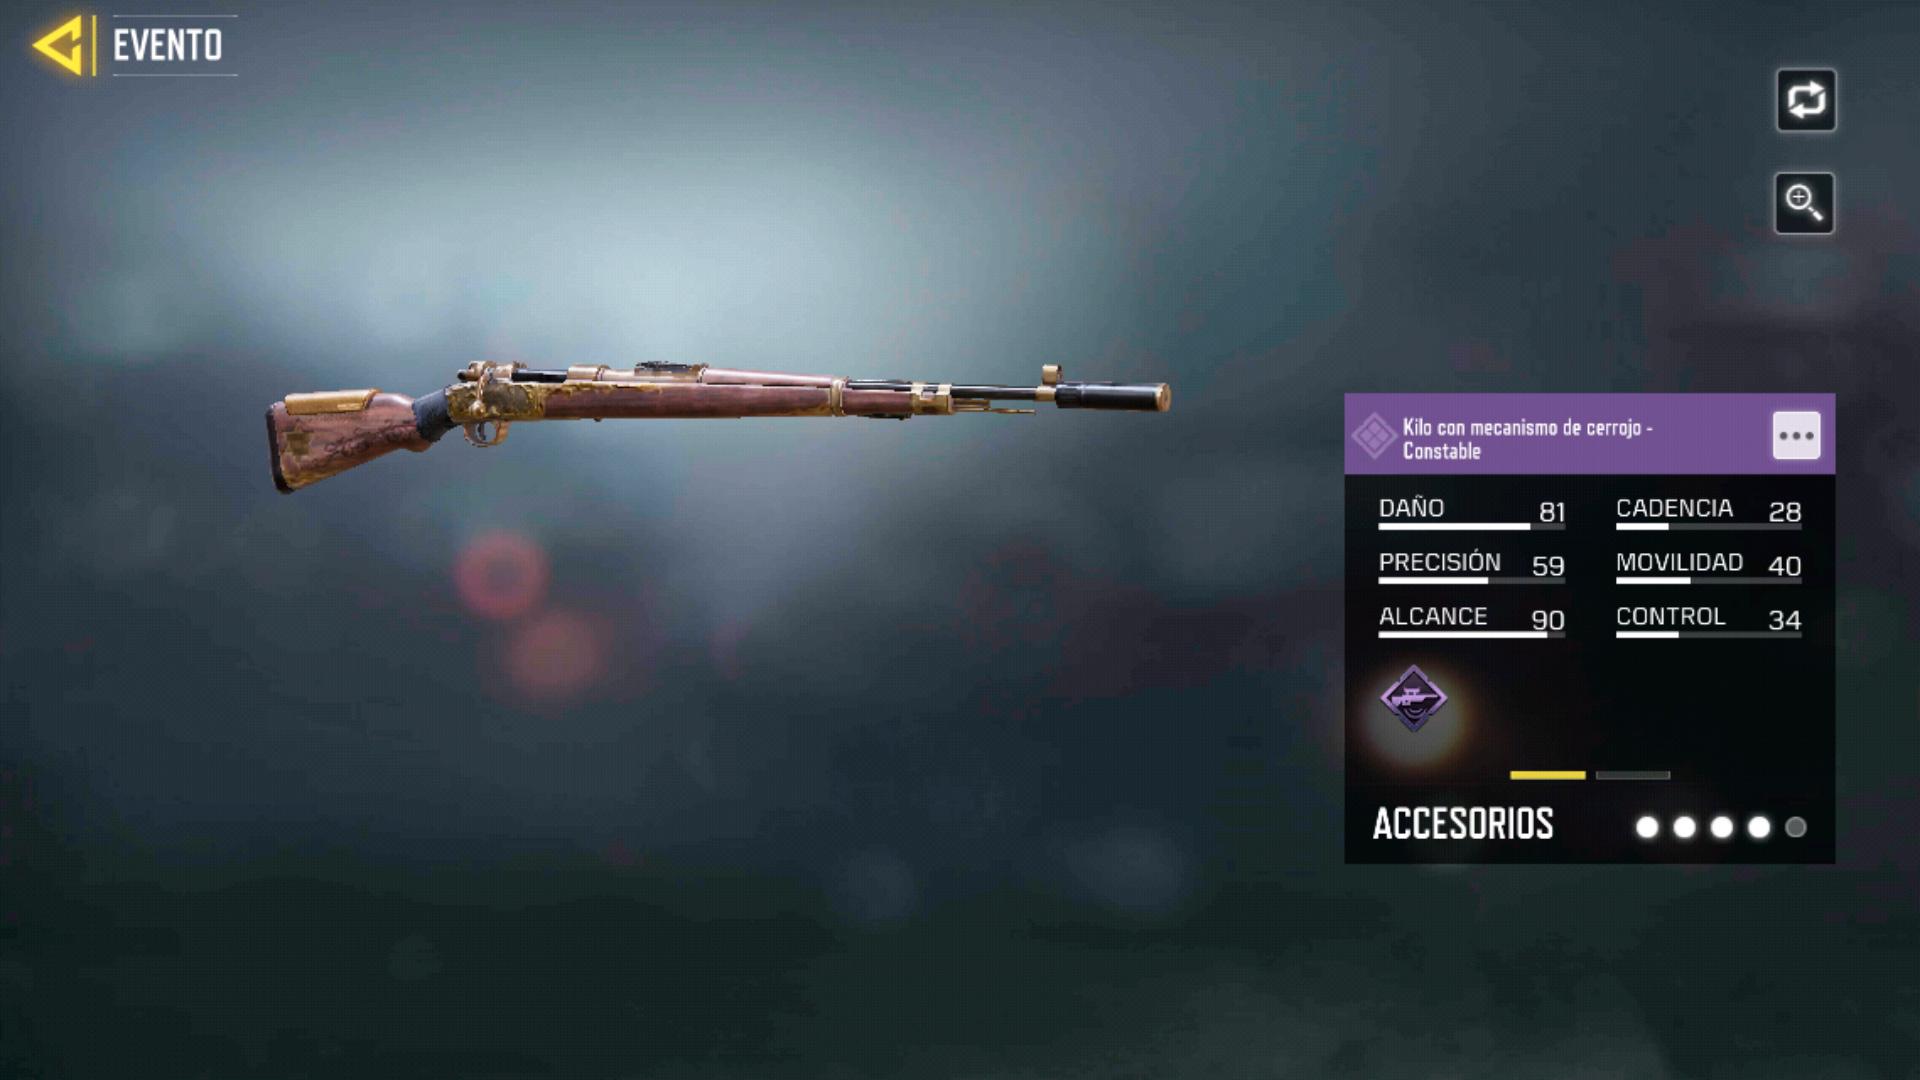 Kilo con mecanismo de cerrojo Constable en Call of Duty Mobile